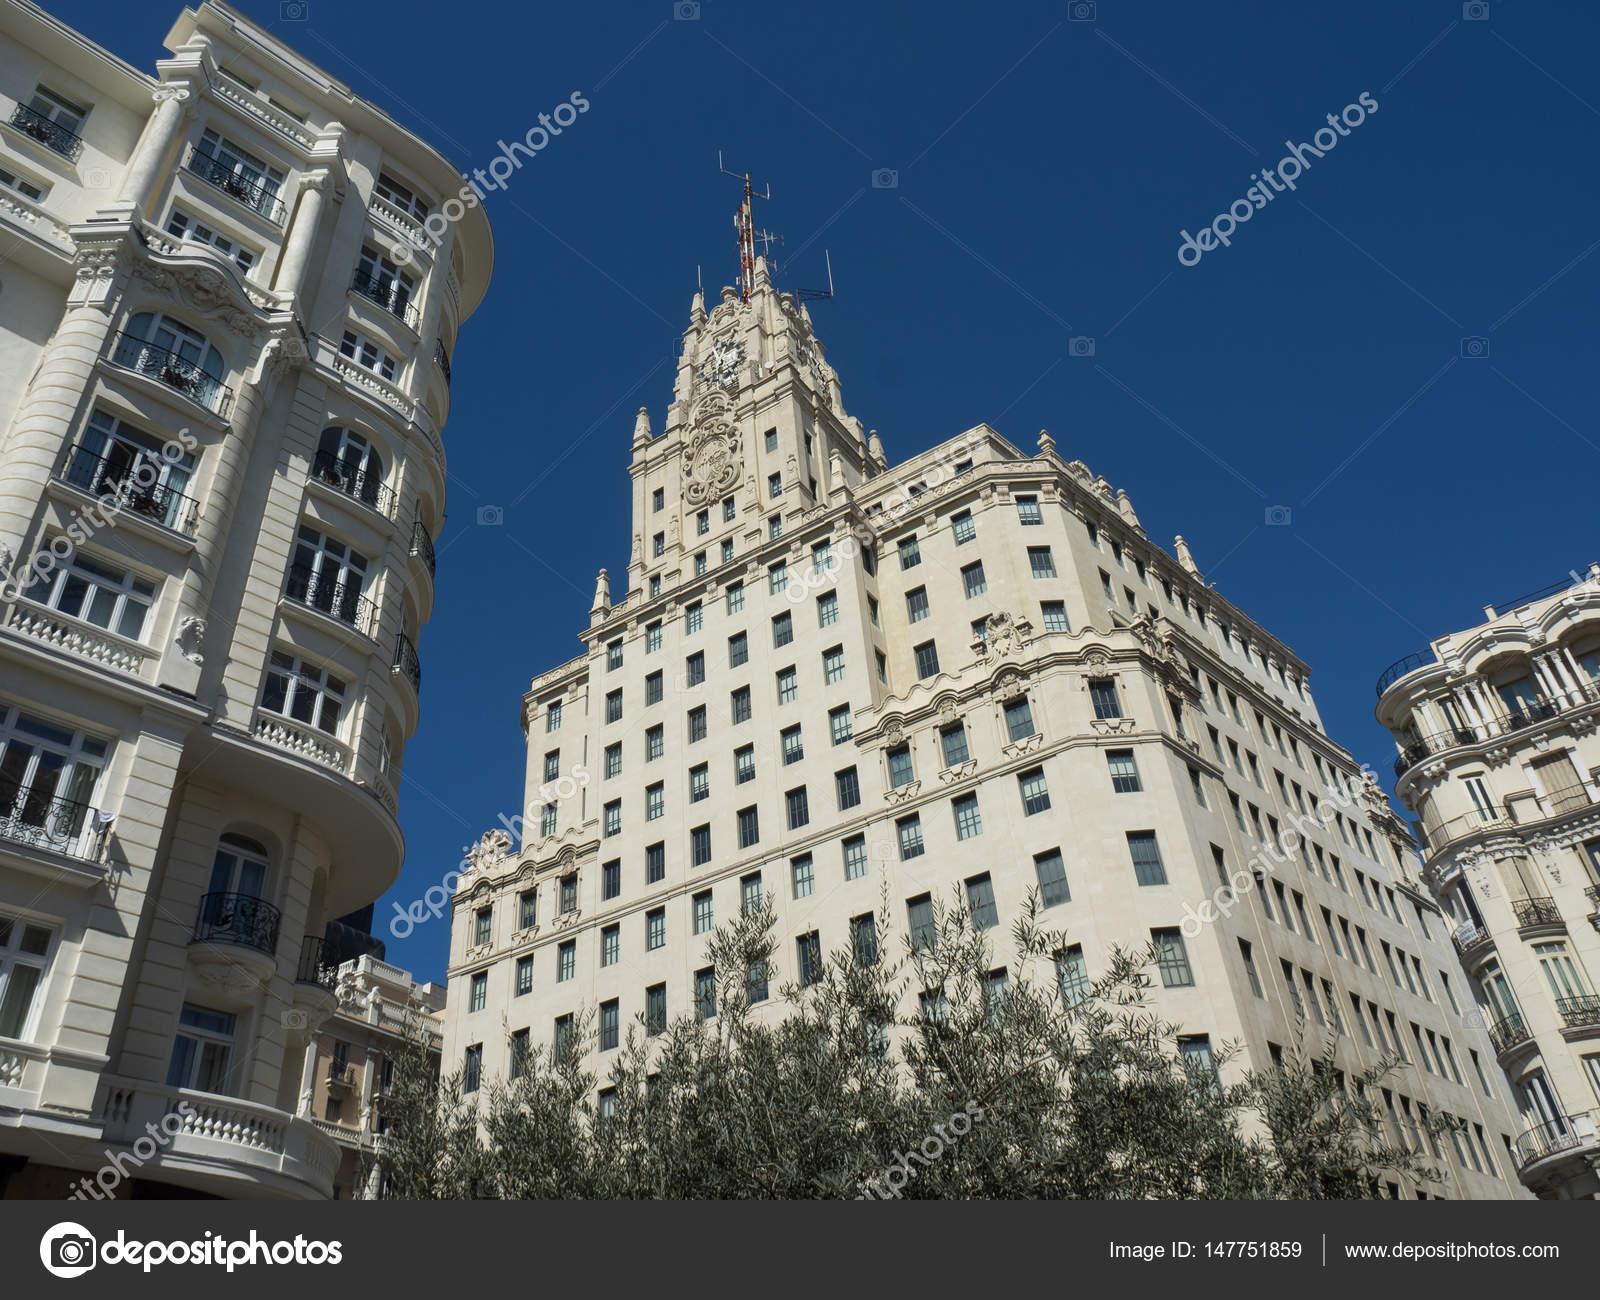 İspanyanın başkenti